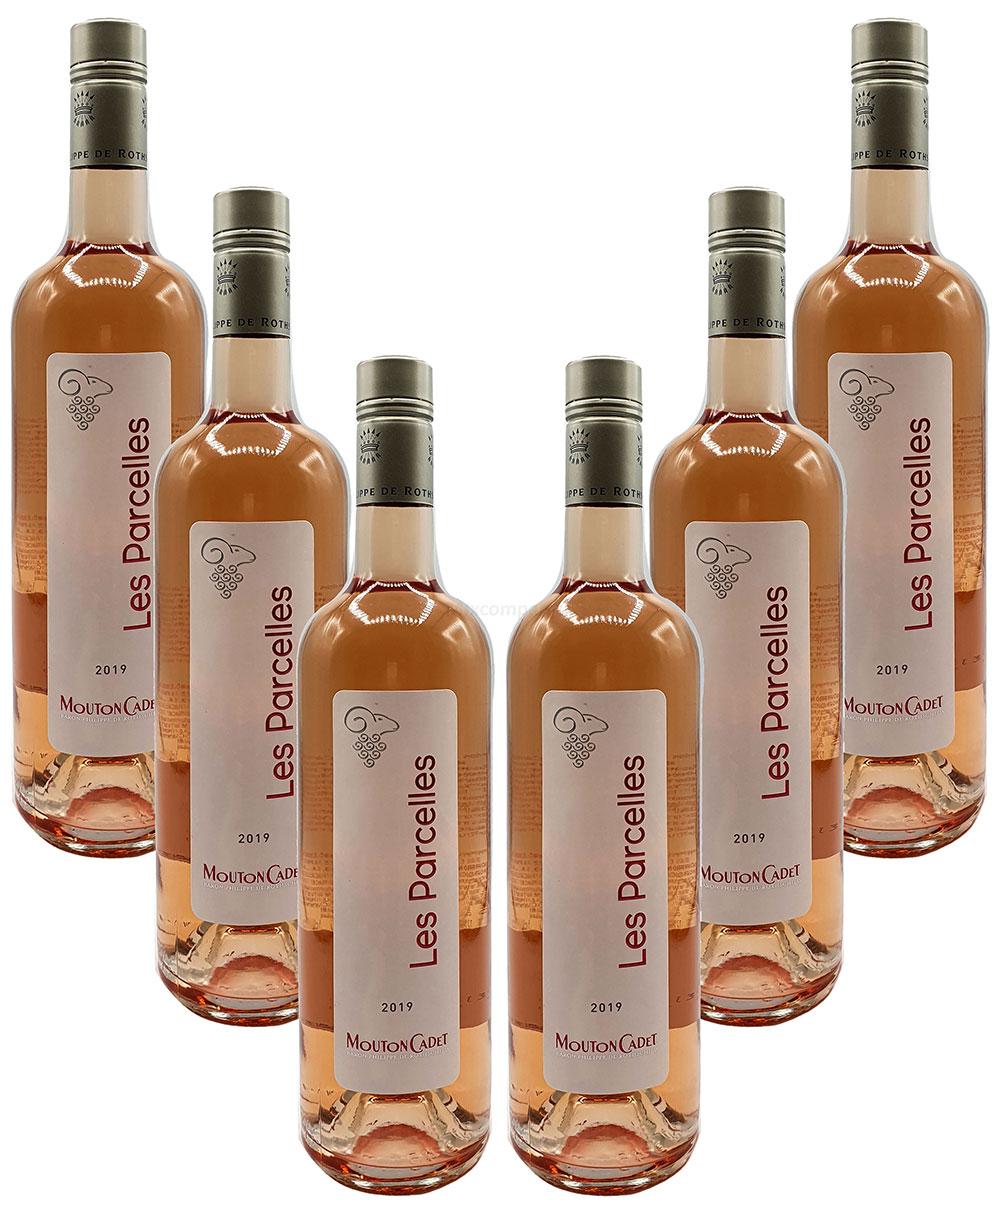 Rose Wein Set - 6x Les Parcelles Bordeaux 750ml (13% Vol)- [Enthält Sulfite]